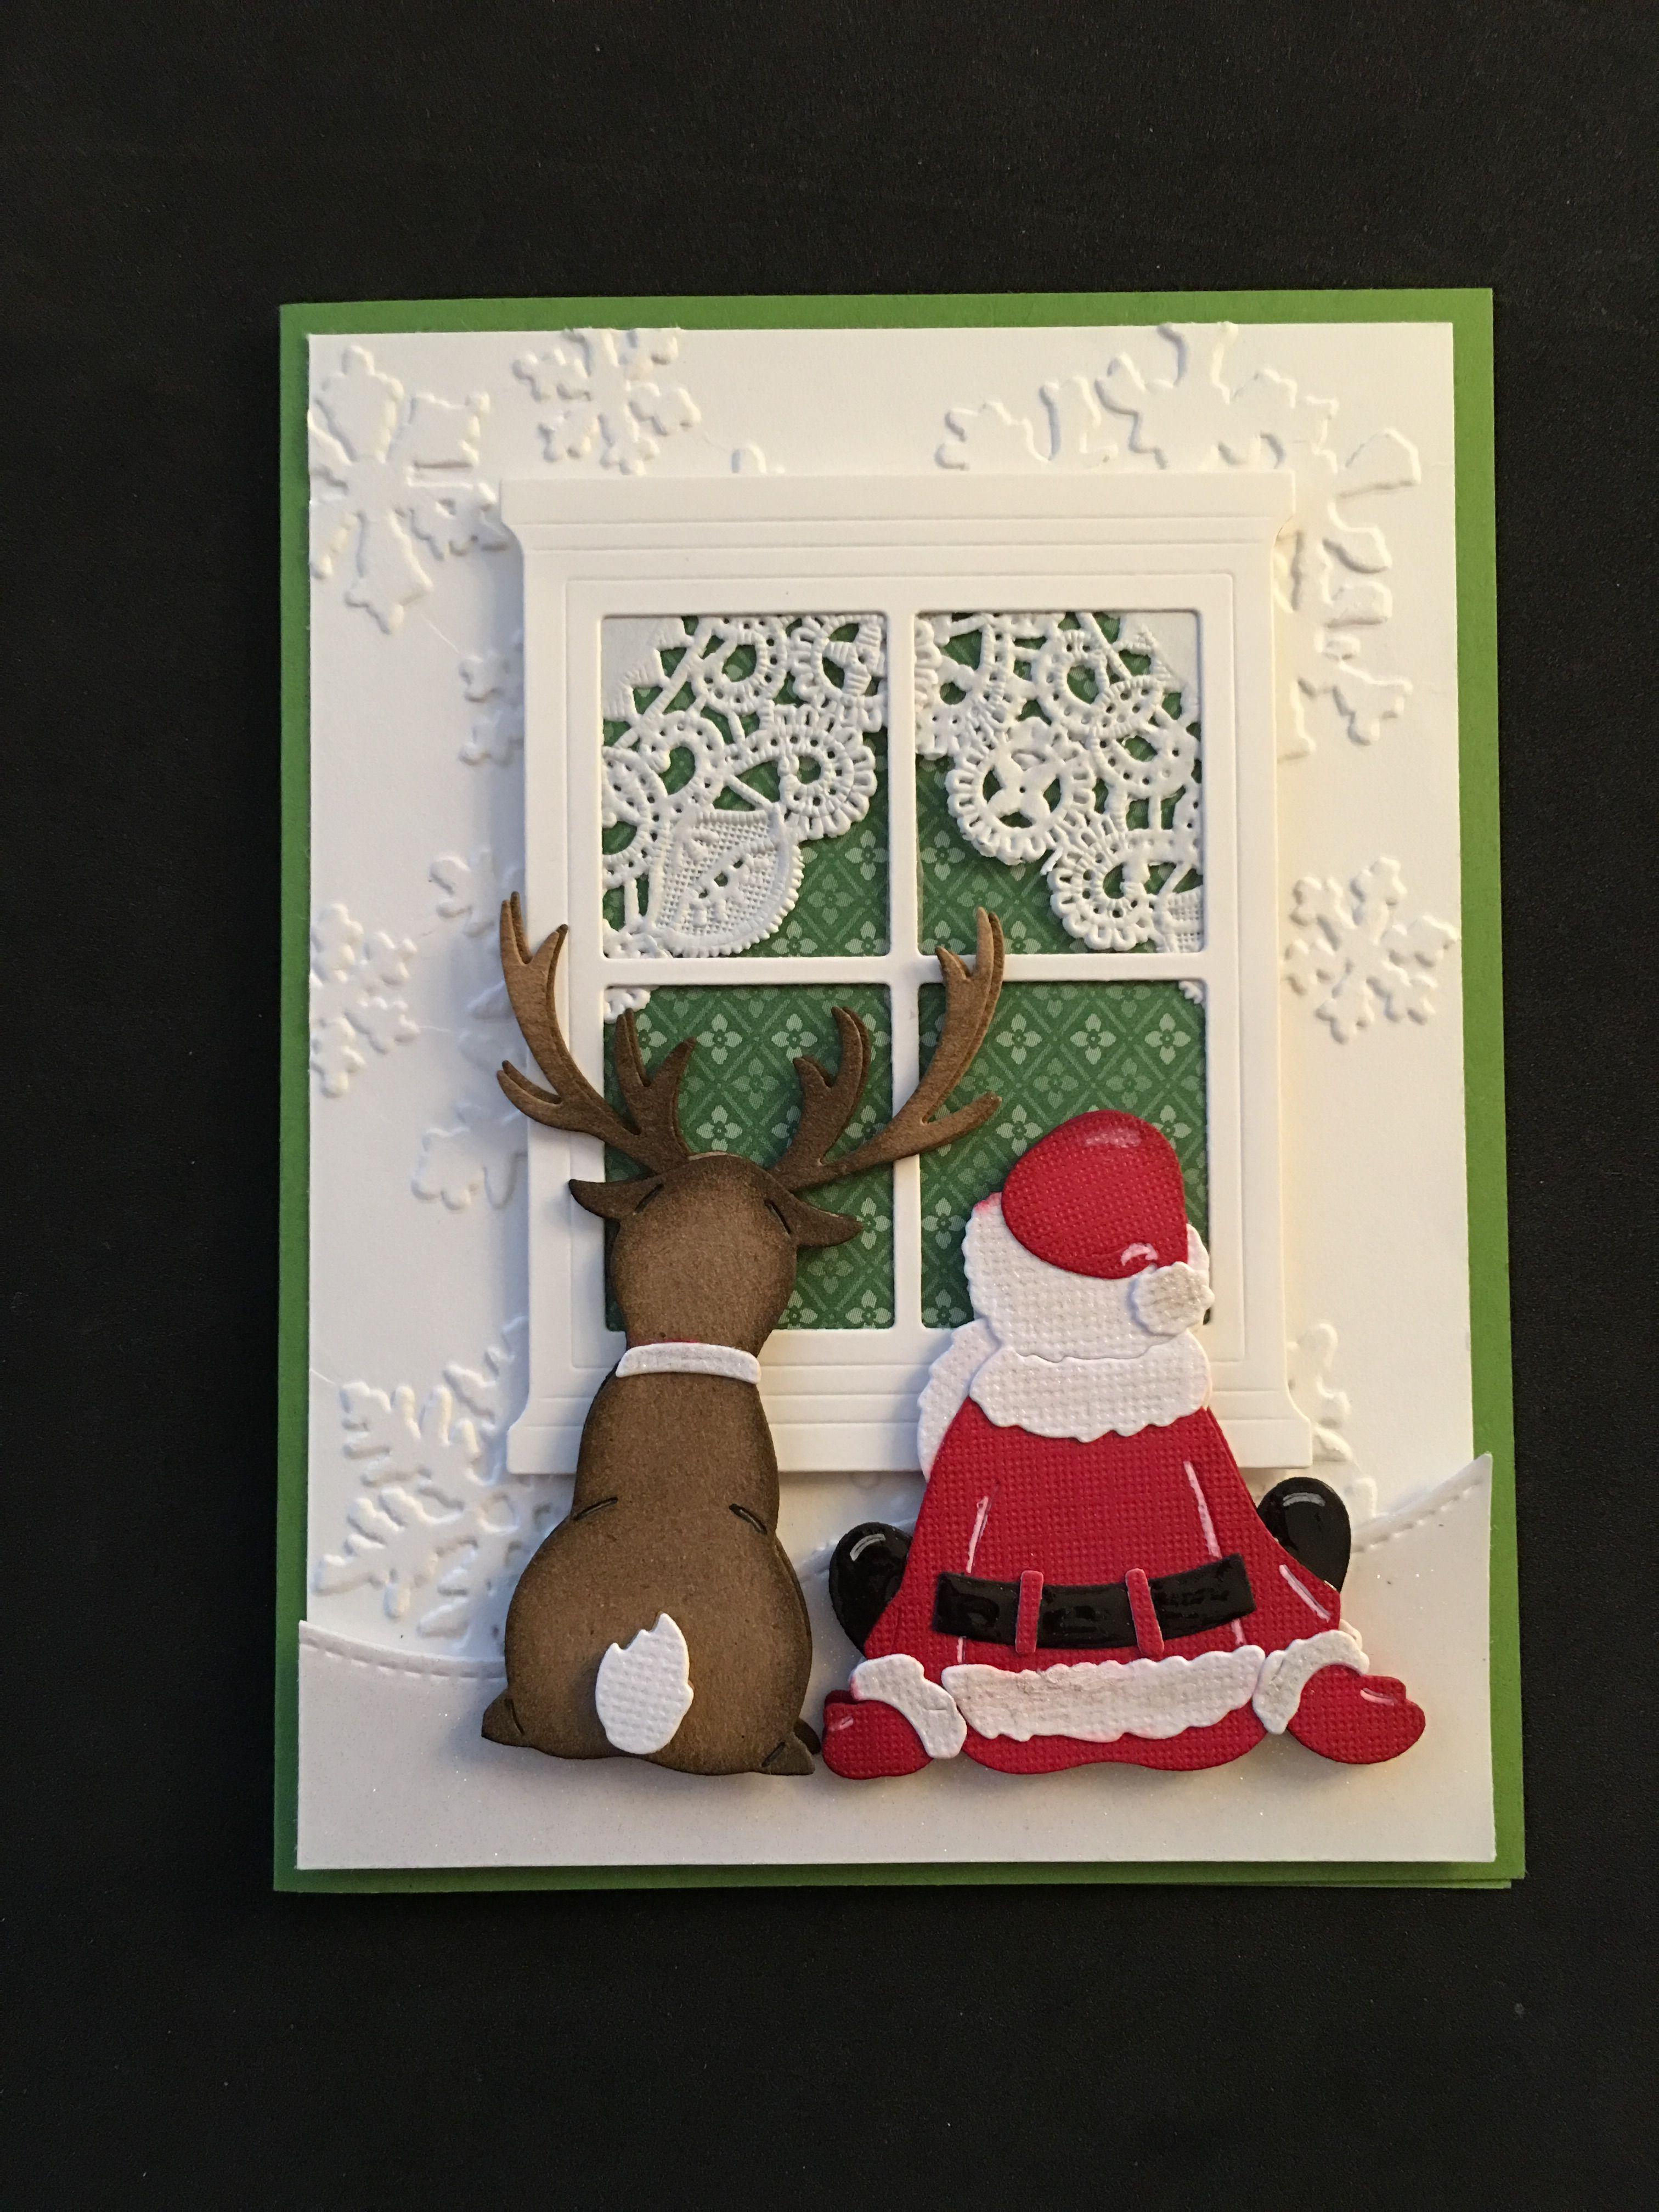 stampin up santa's sleigh card videos - Bing image